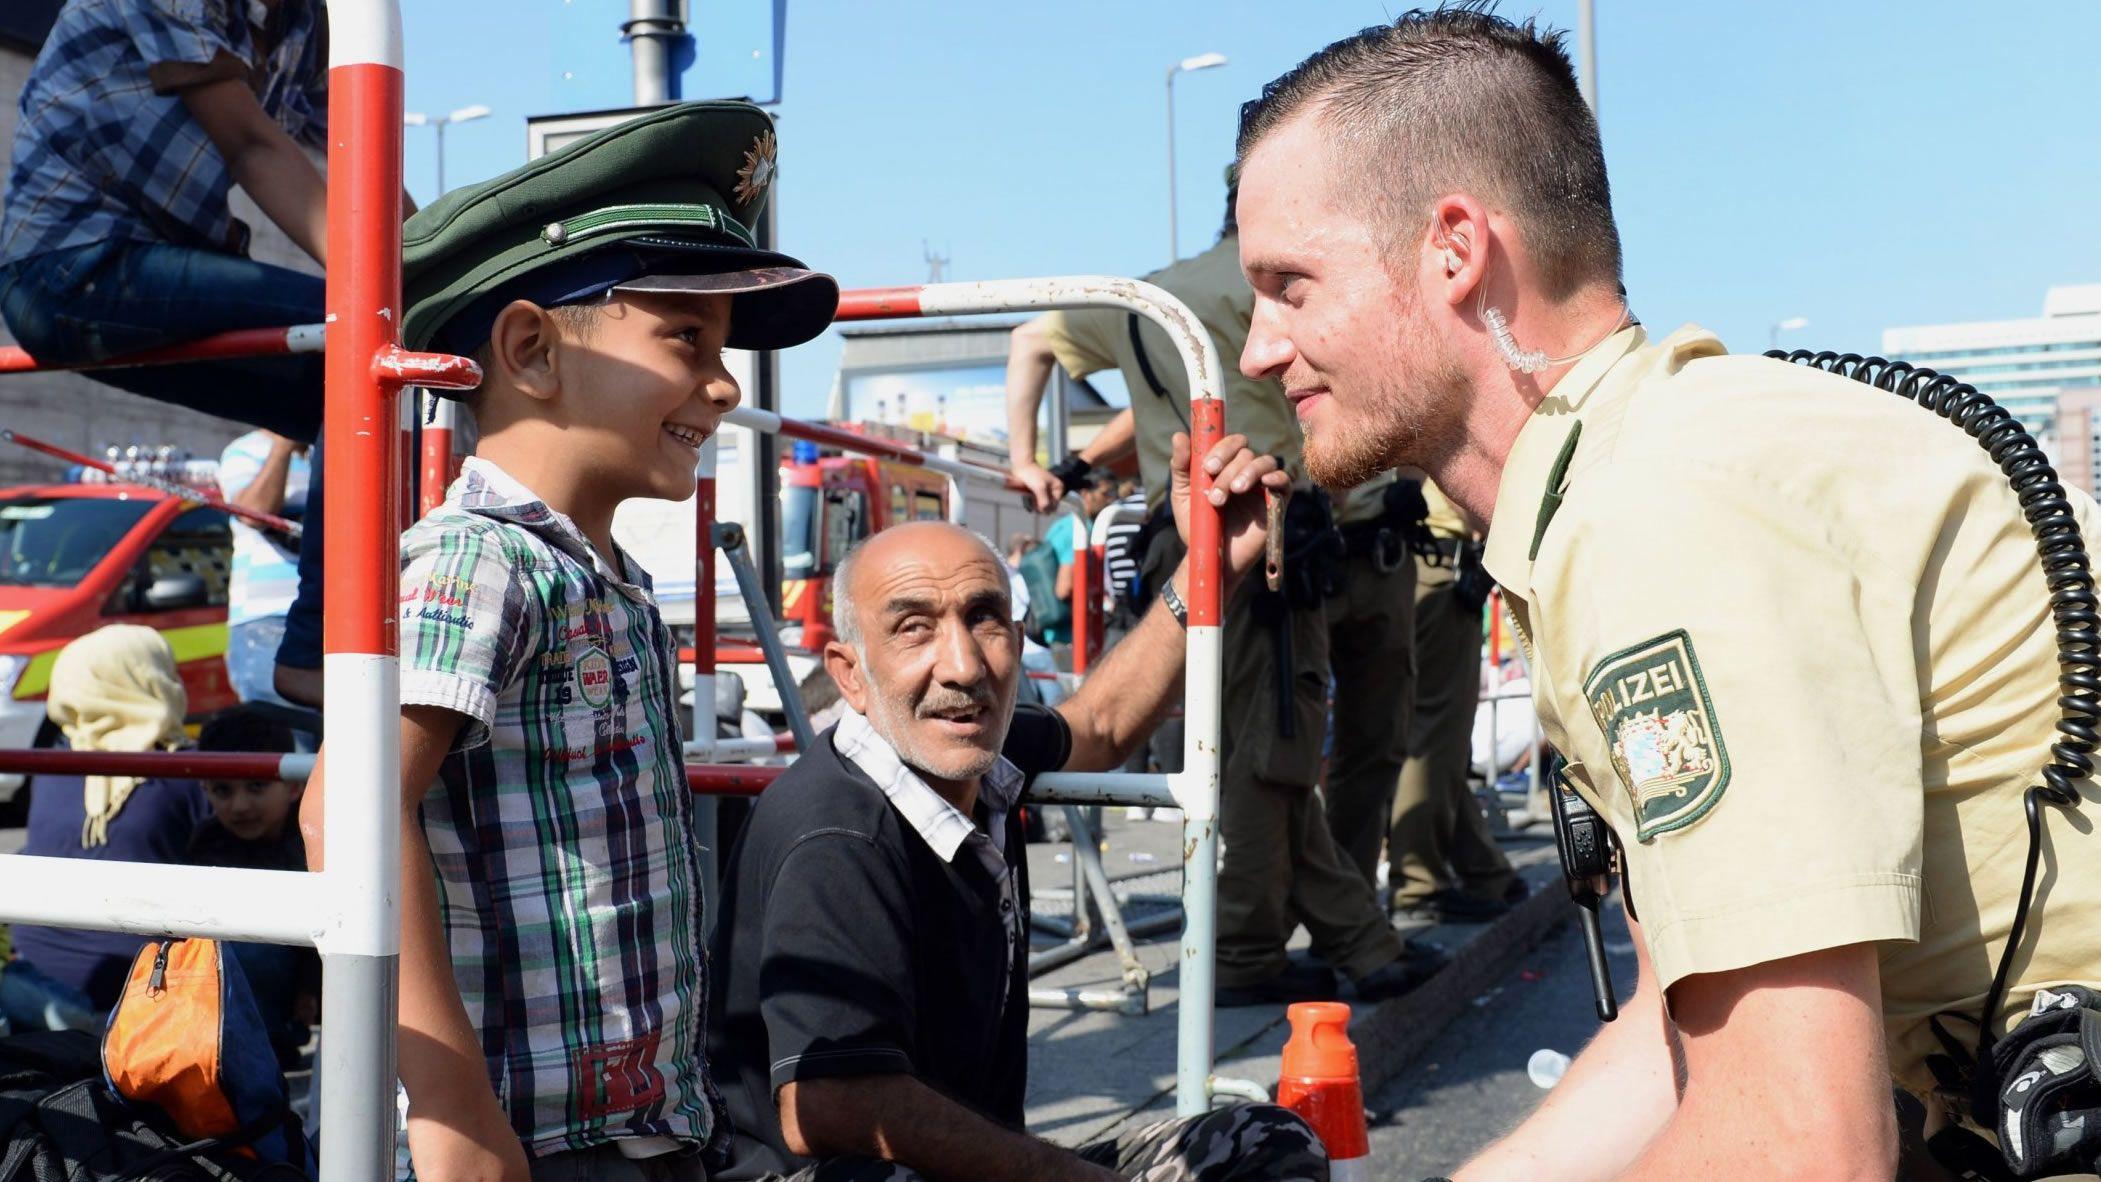 Trump visita a sus tropas en Iraq.Un policía alemán con refugiados sirios en Múnich, en la crisis migratoria del 2015